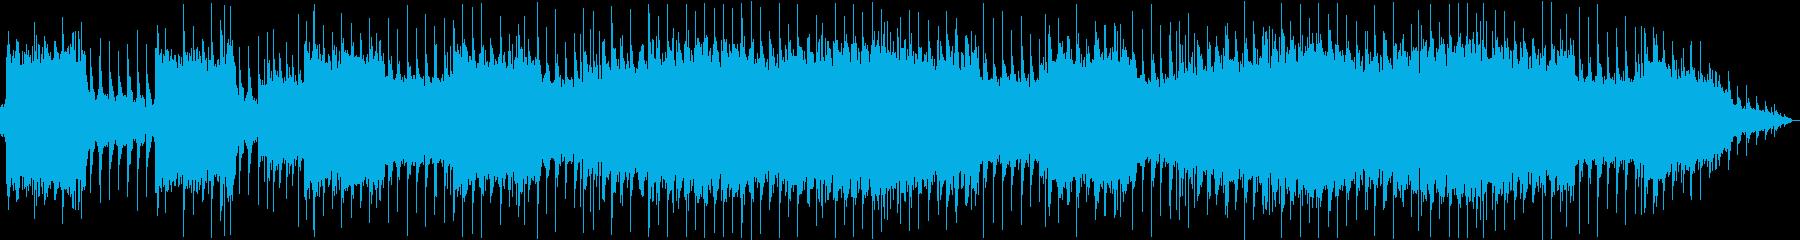 リフメインのテーマ曲のようなメタルBGMの再生済みの波形